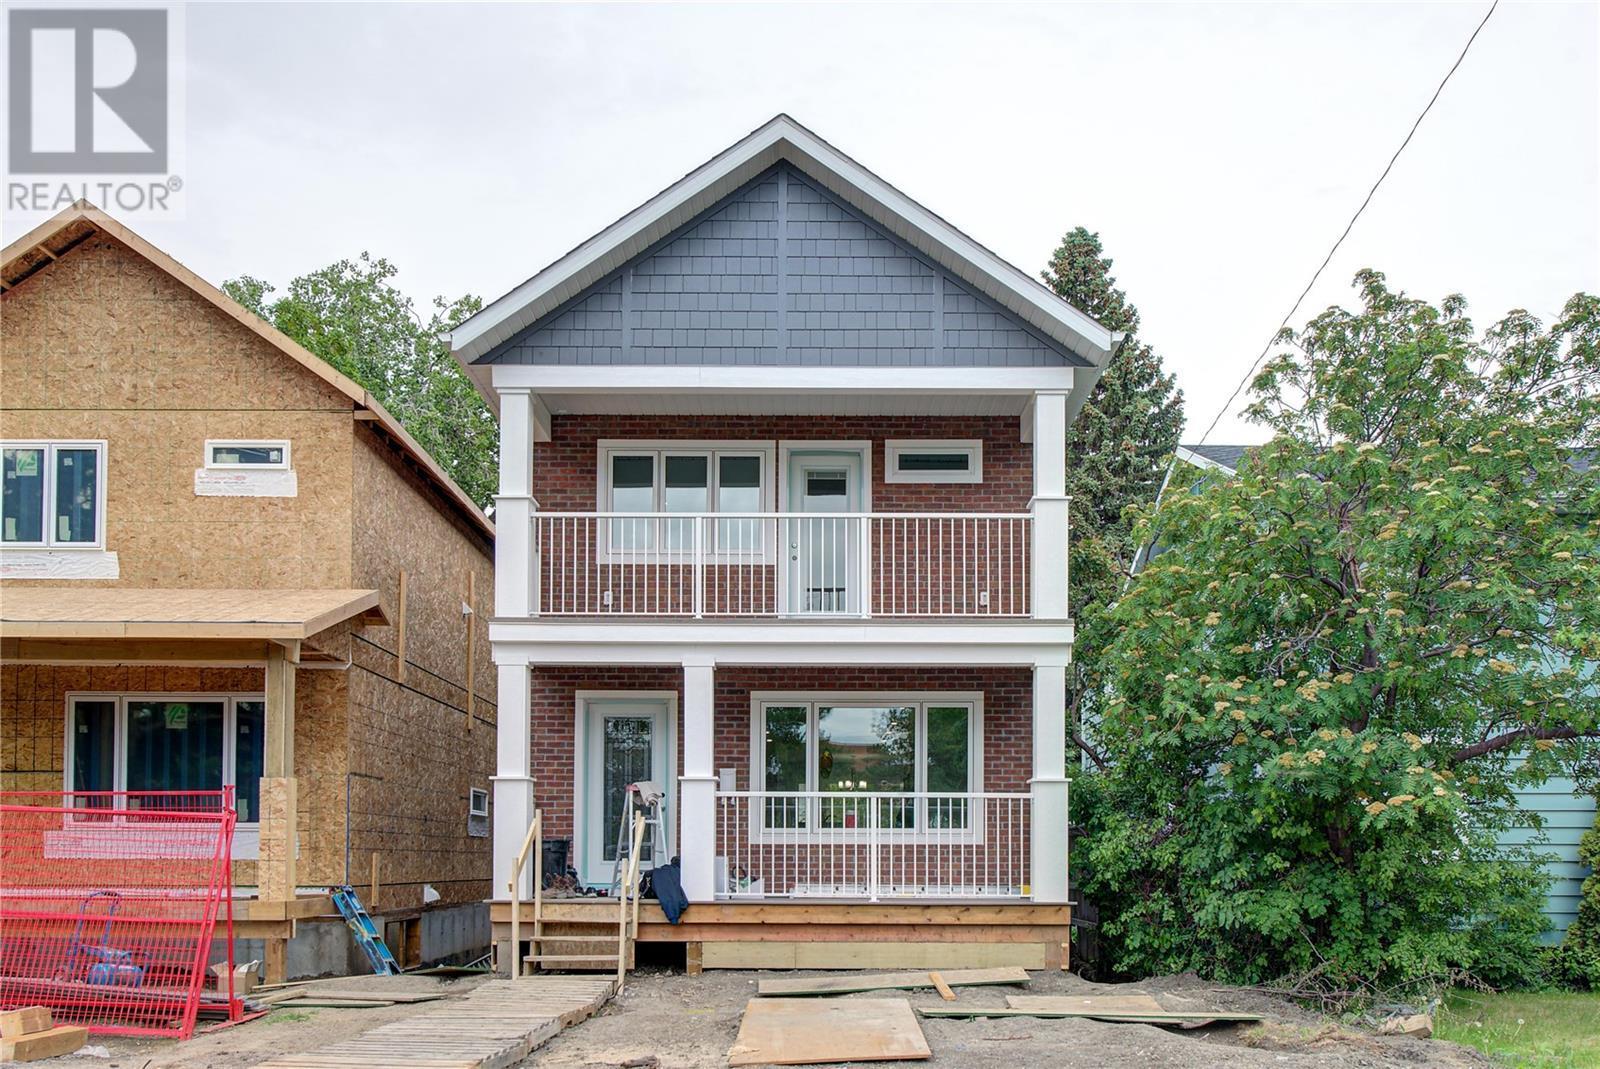 1511 Spadina CRES E, saskatoon, Saskatchewan